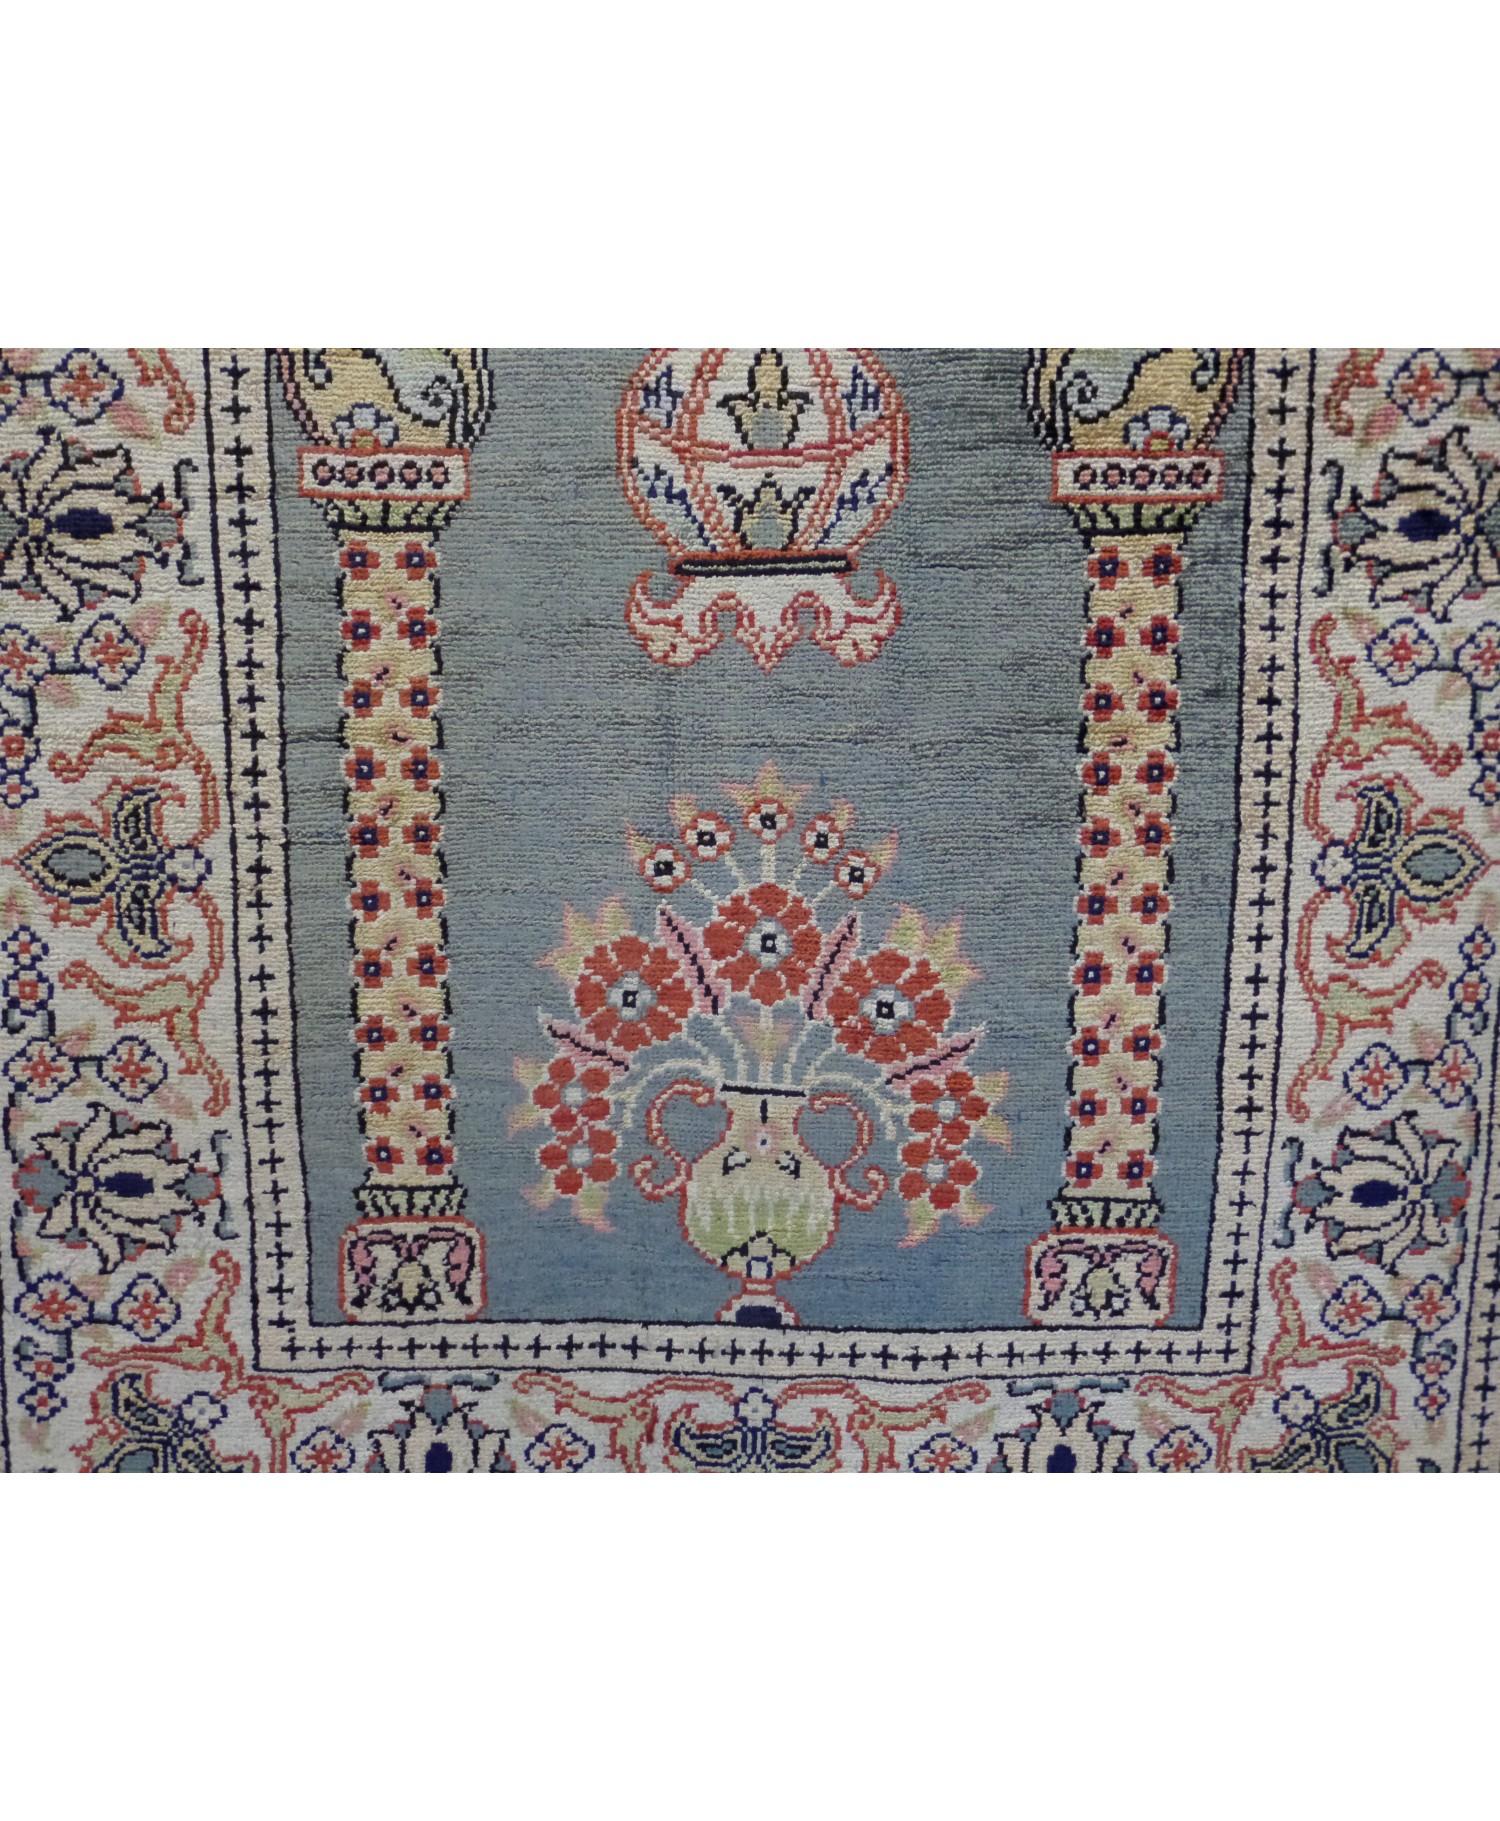 Handmade Turkish Kayseri Original Silk Carpet - 1 - FREE SHIPPING.